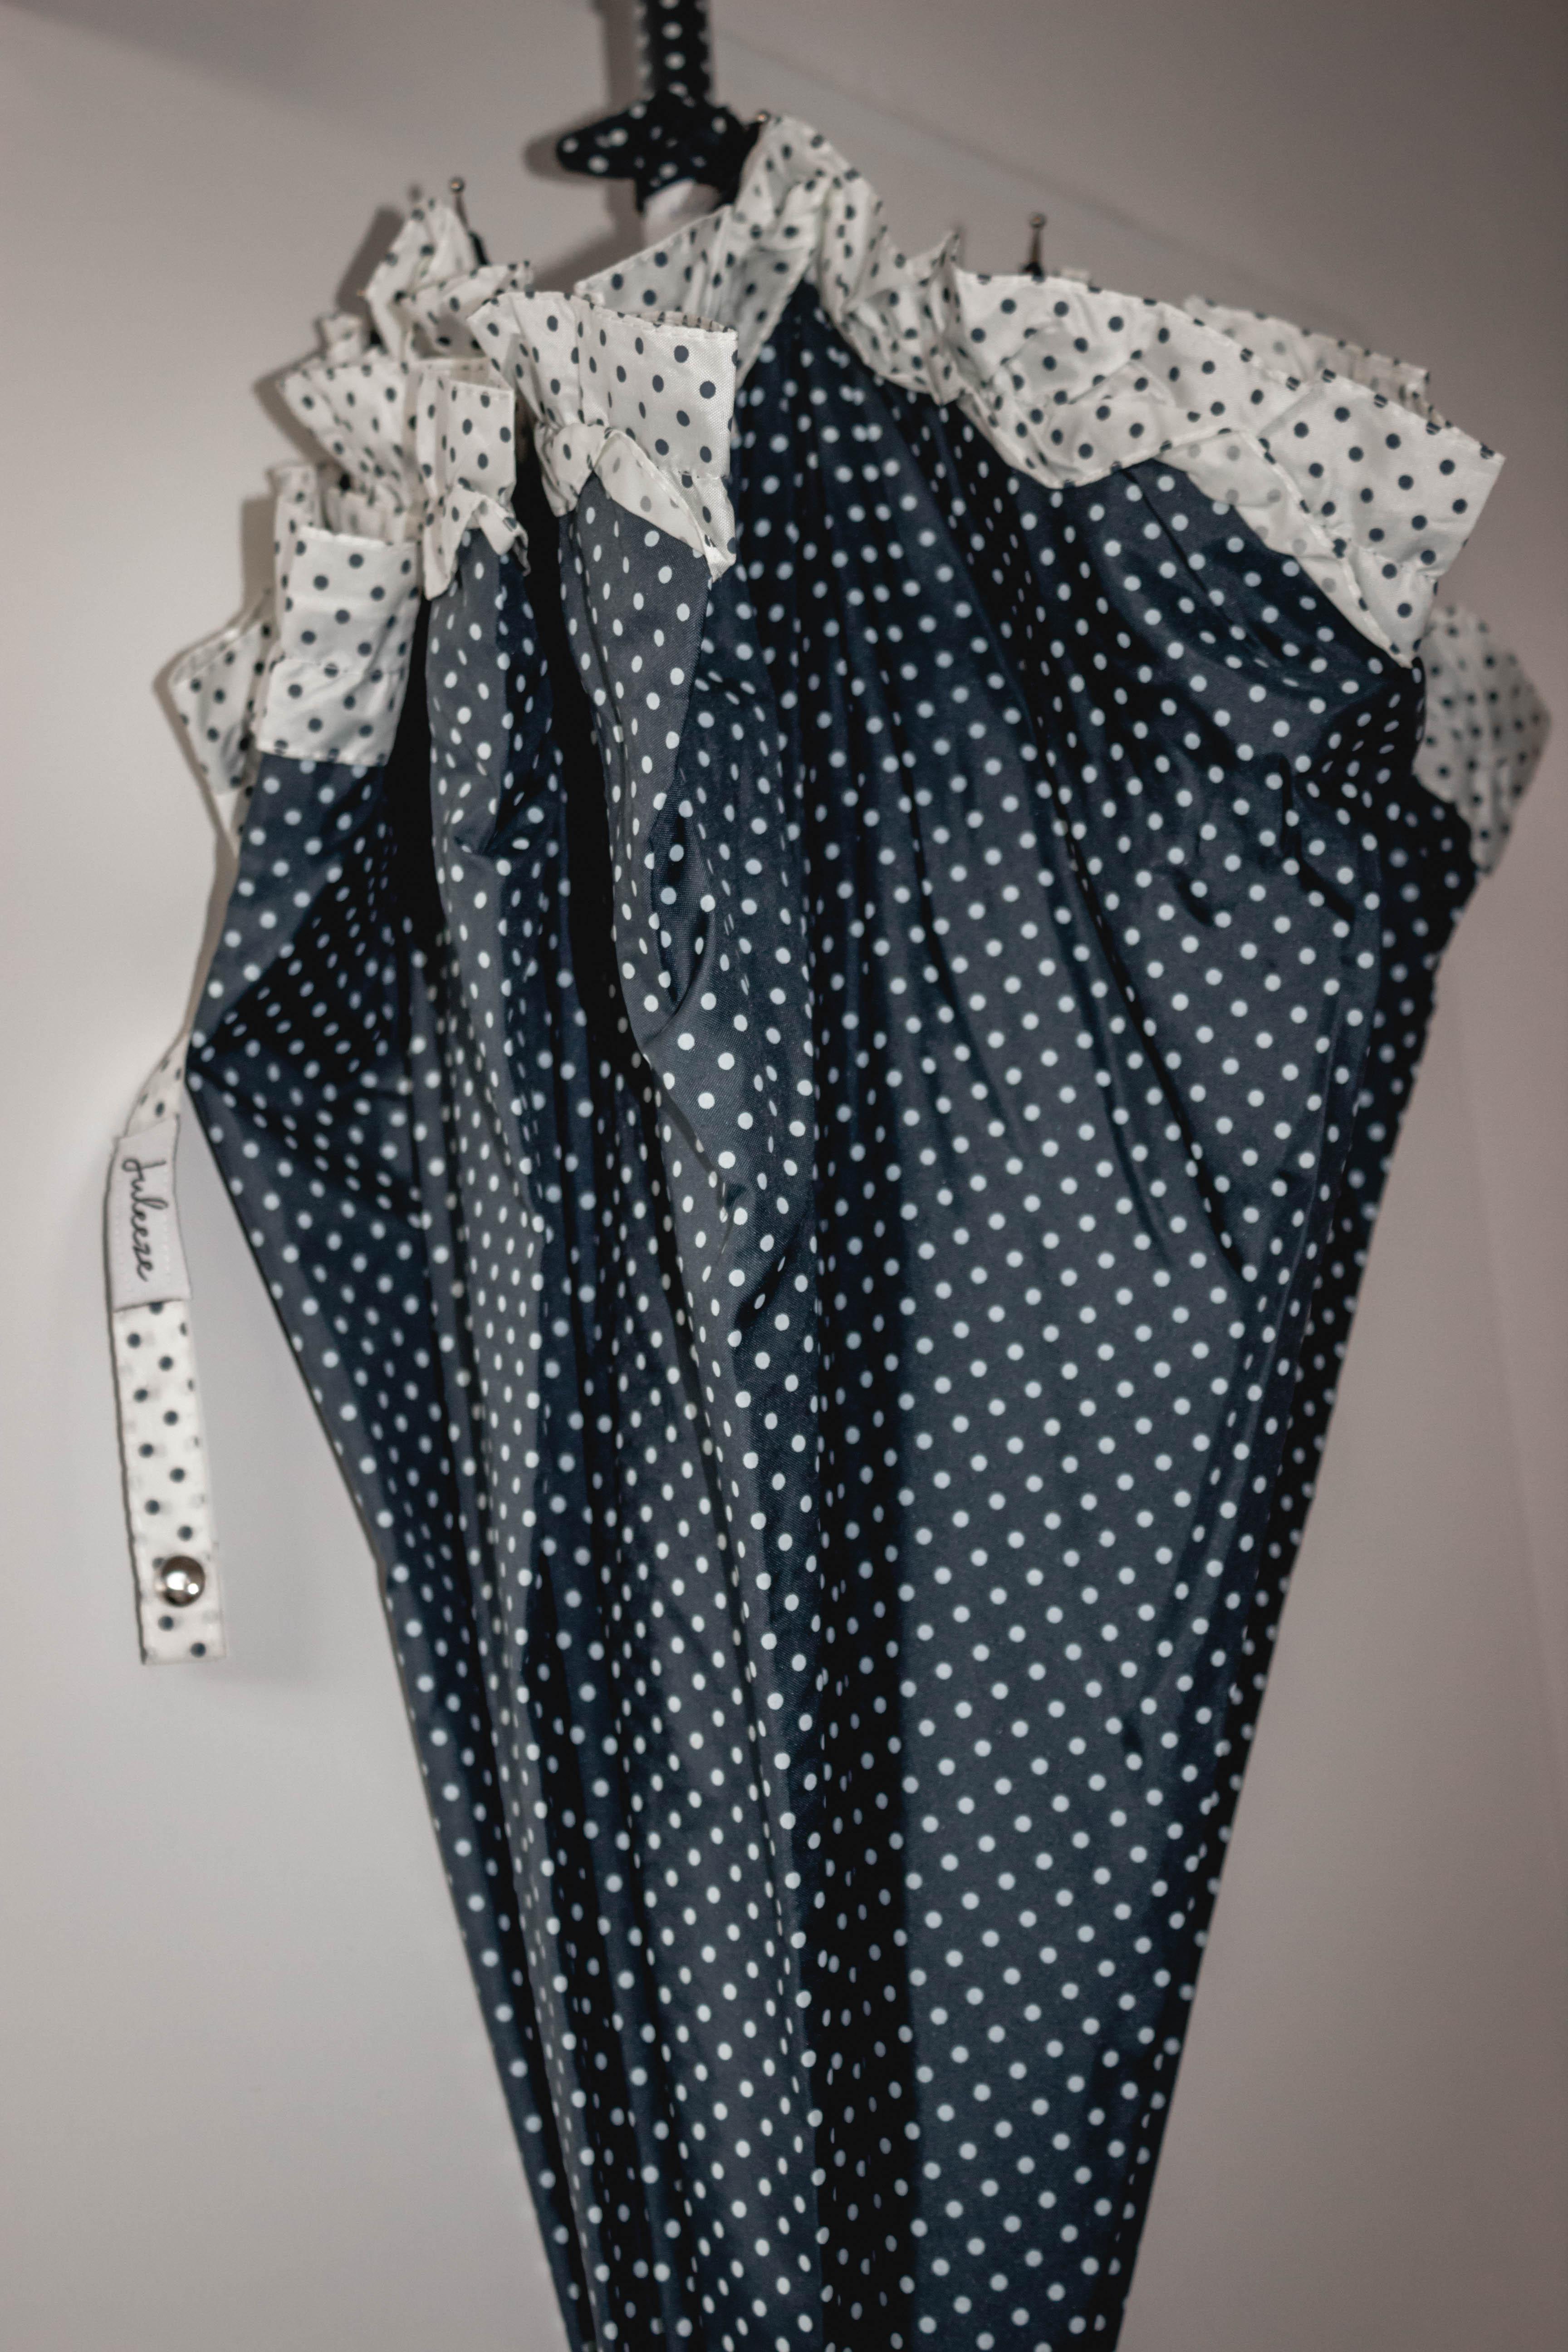 Regenschirme für Frauen - Regenschirm blau mit weißen Punkten  - Onlineshop Tante Emmer